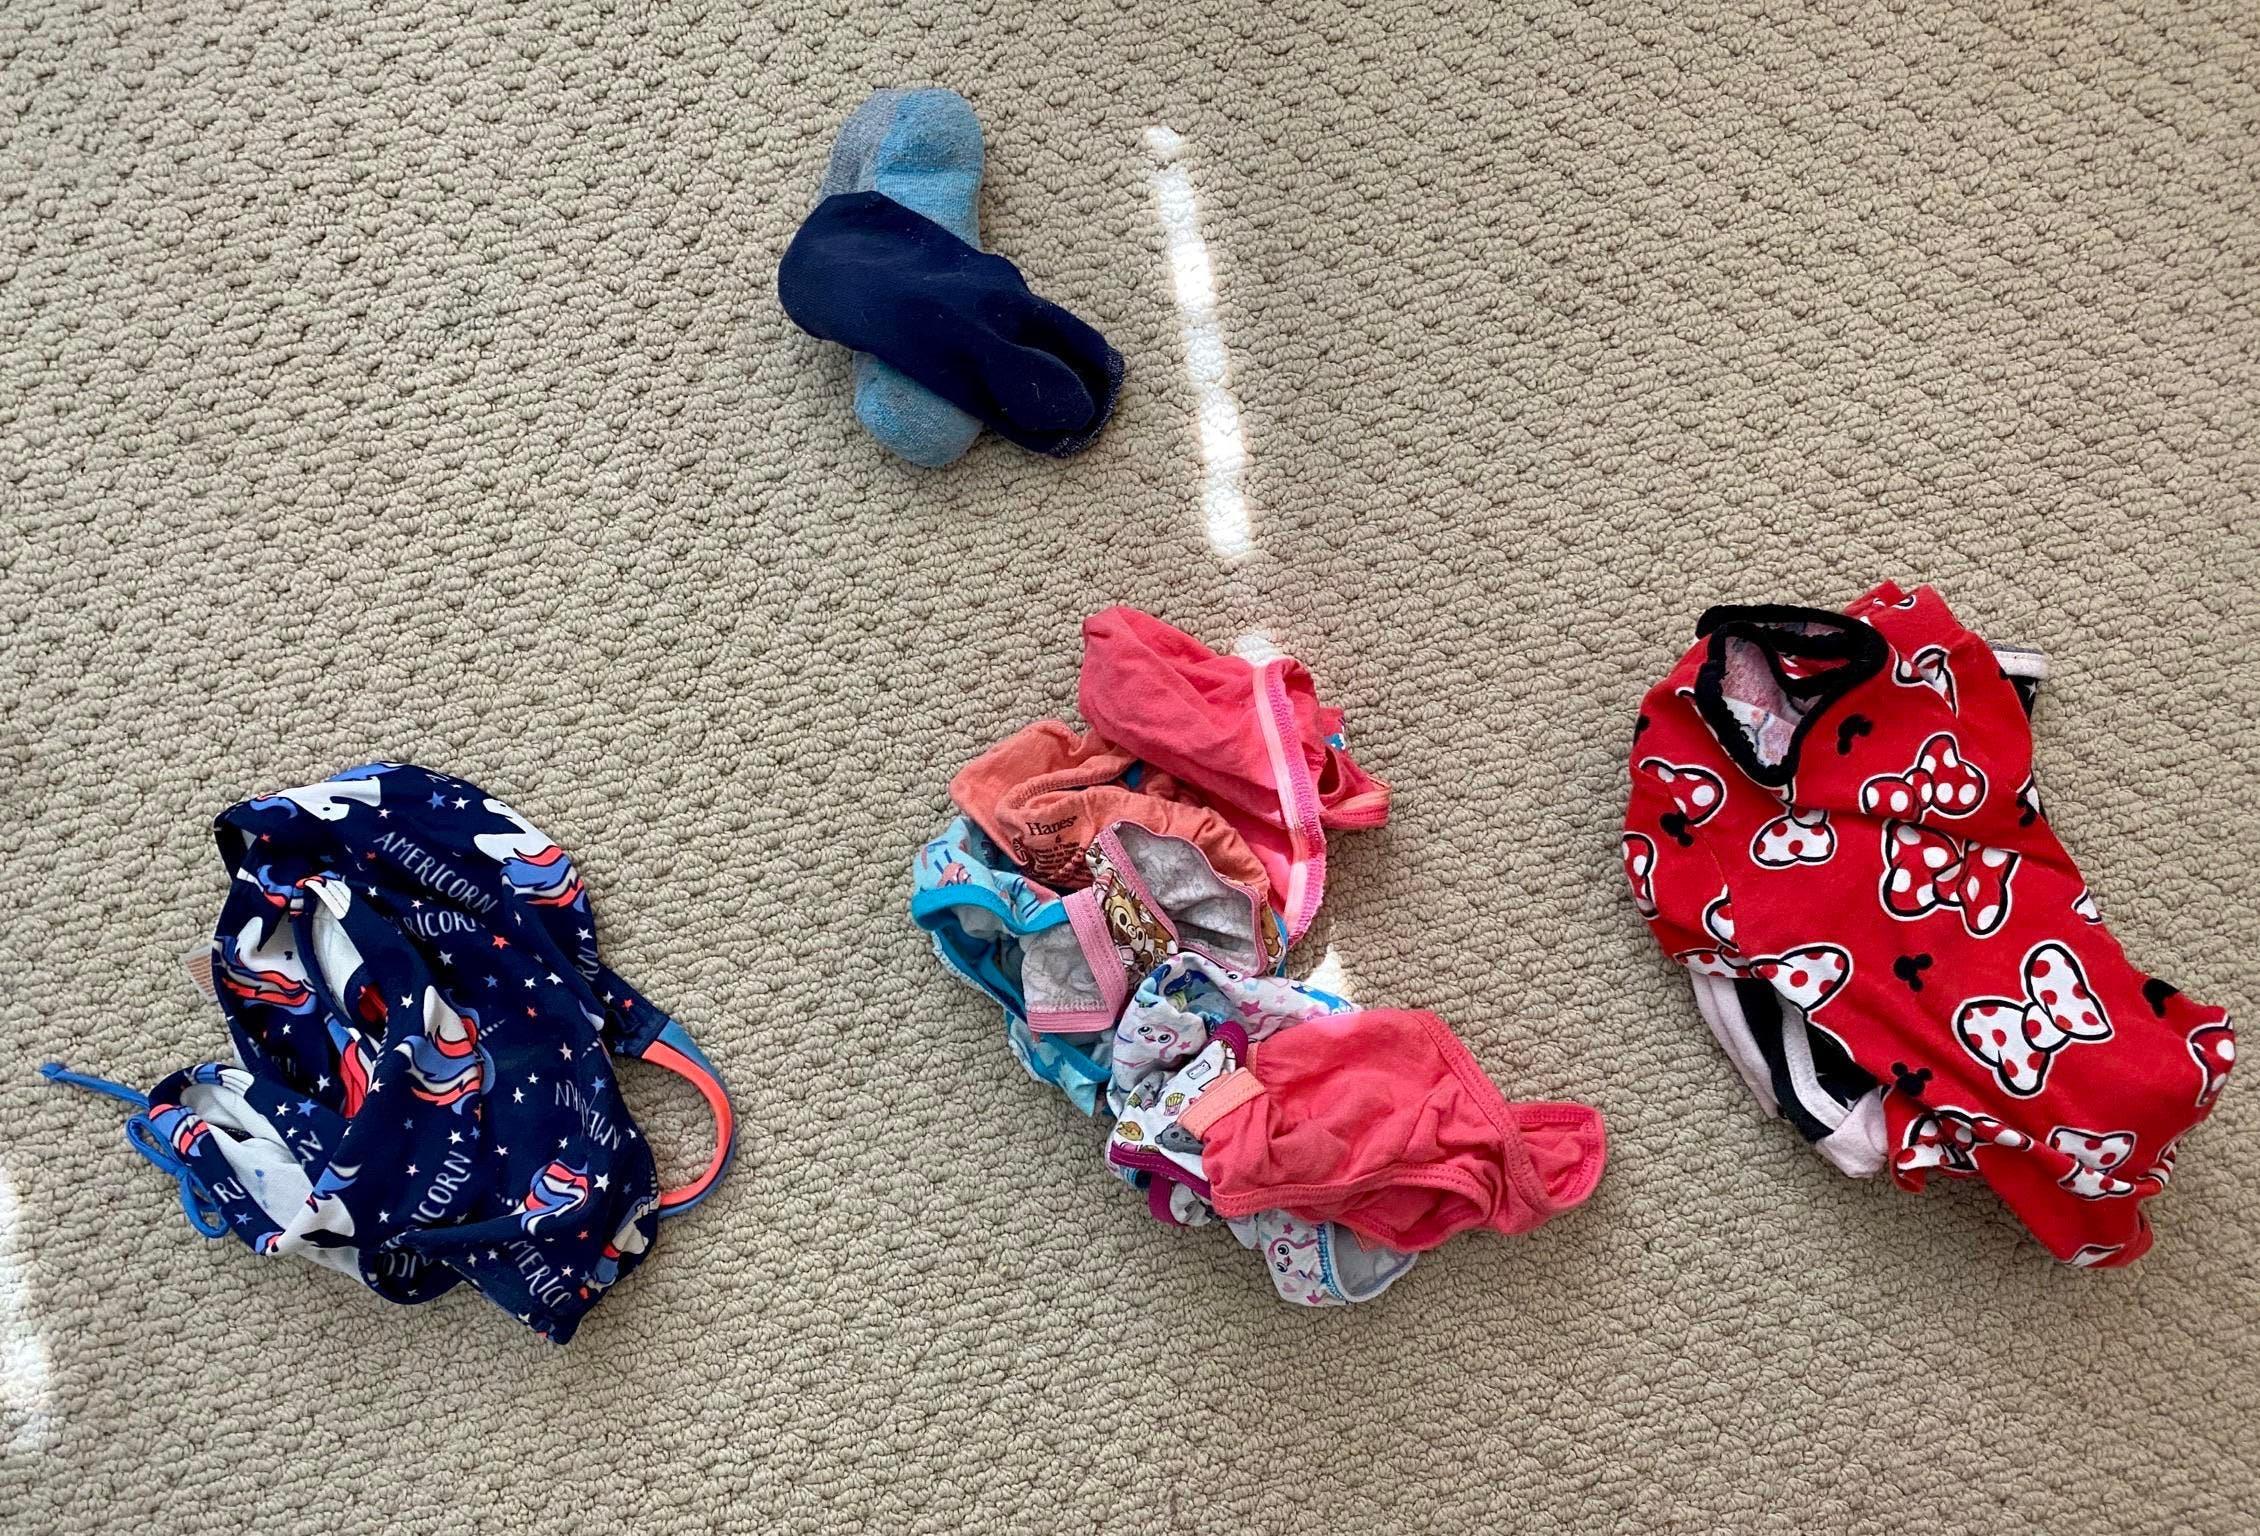 Quand elle demande a son fils de preparer sa valise pour les vacances il ne prepare que des sous-vetements